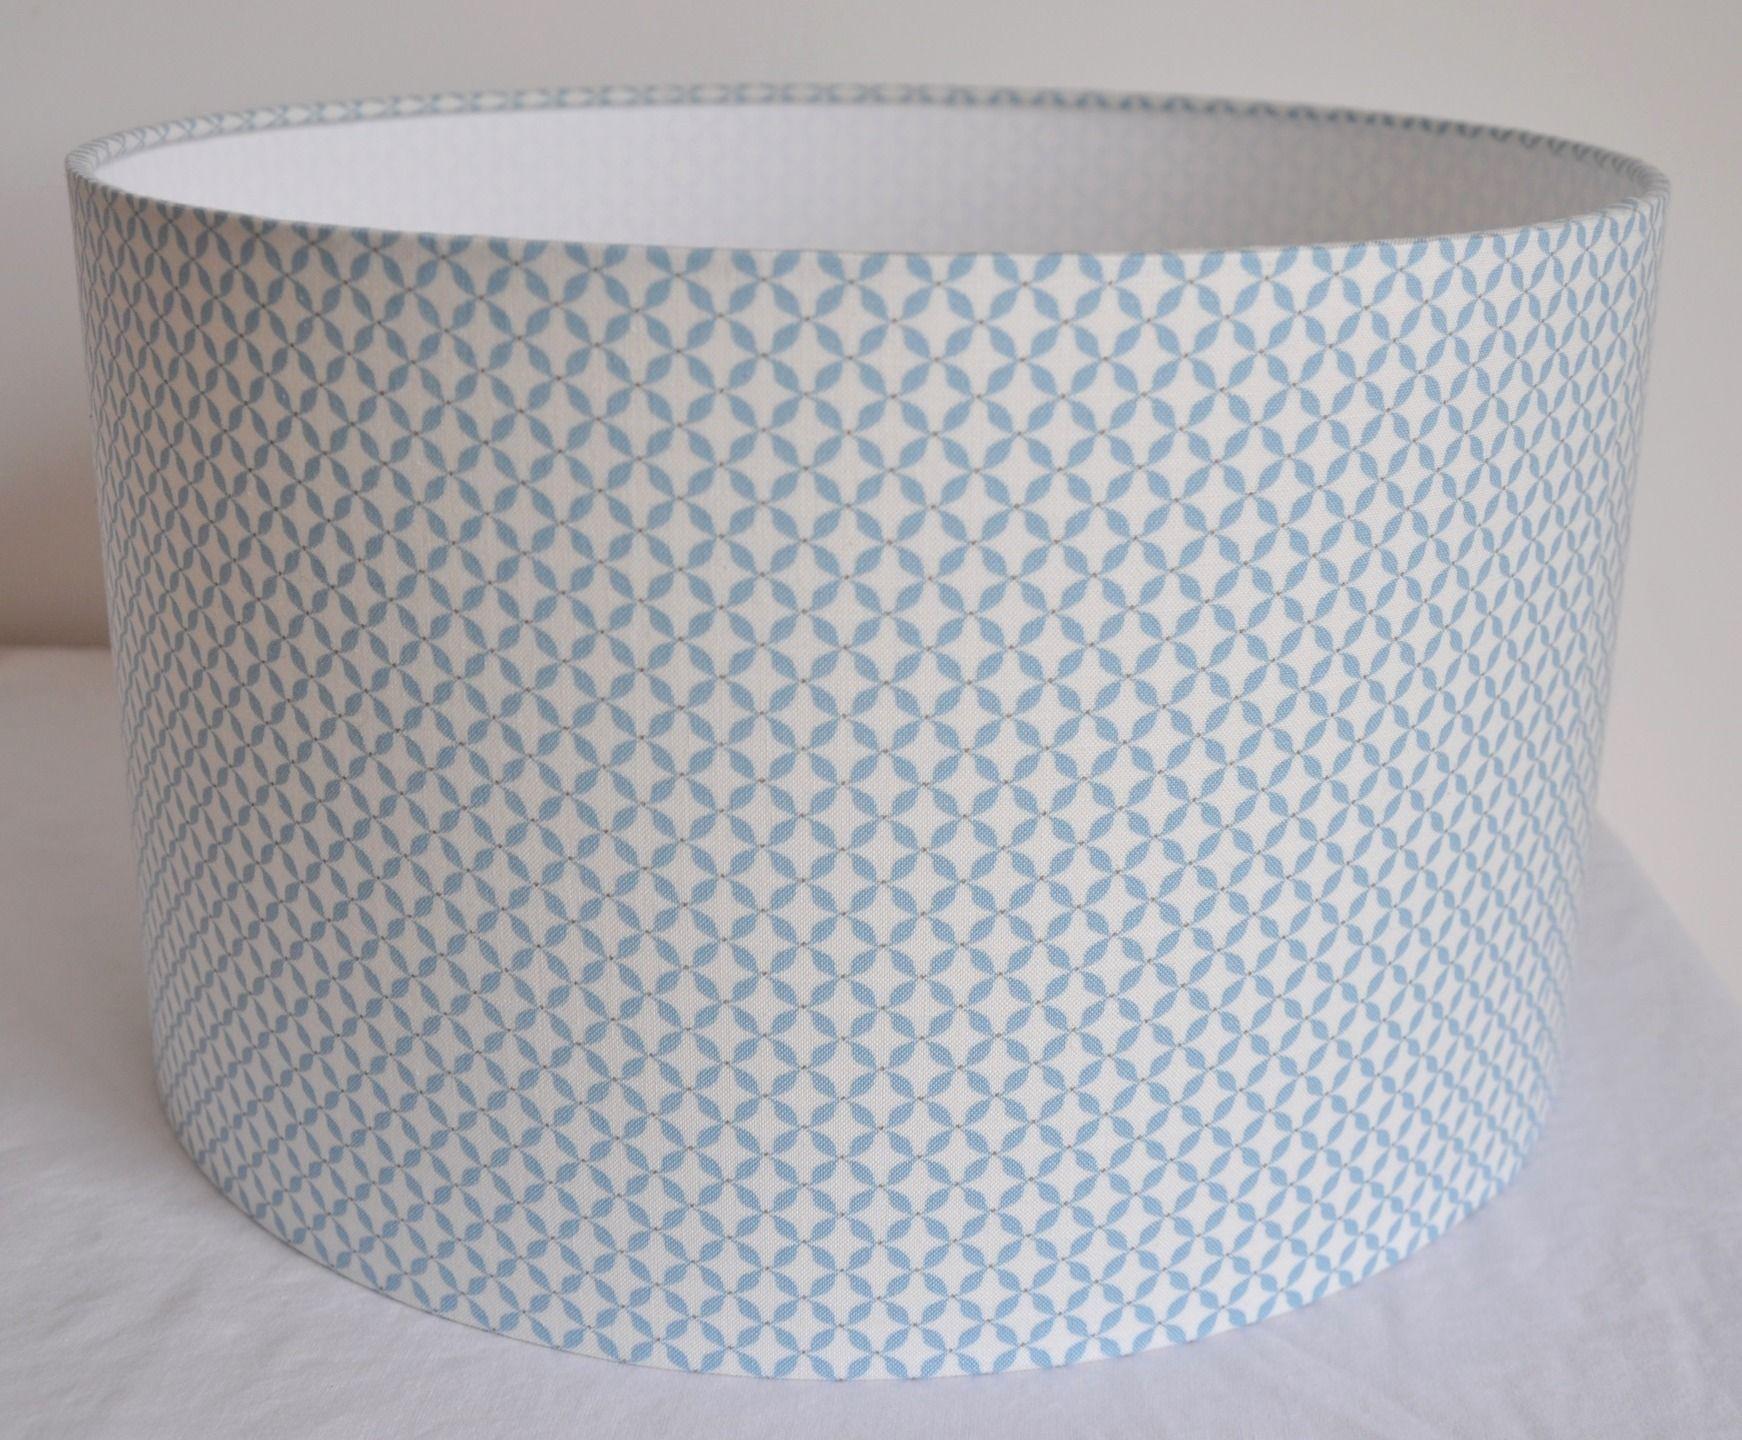 jour cylindrique diamètre 30 cm pour suspension ou pied de lampe